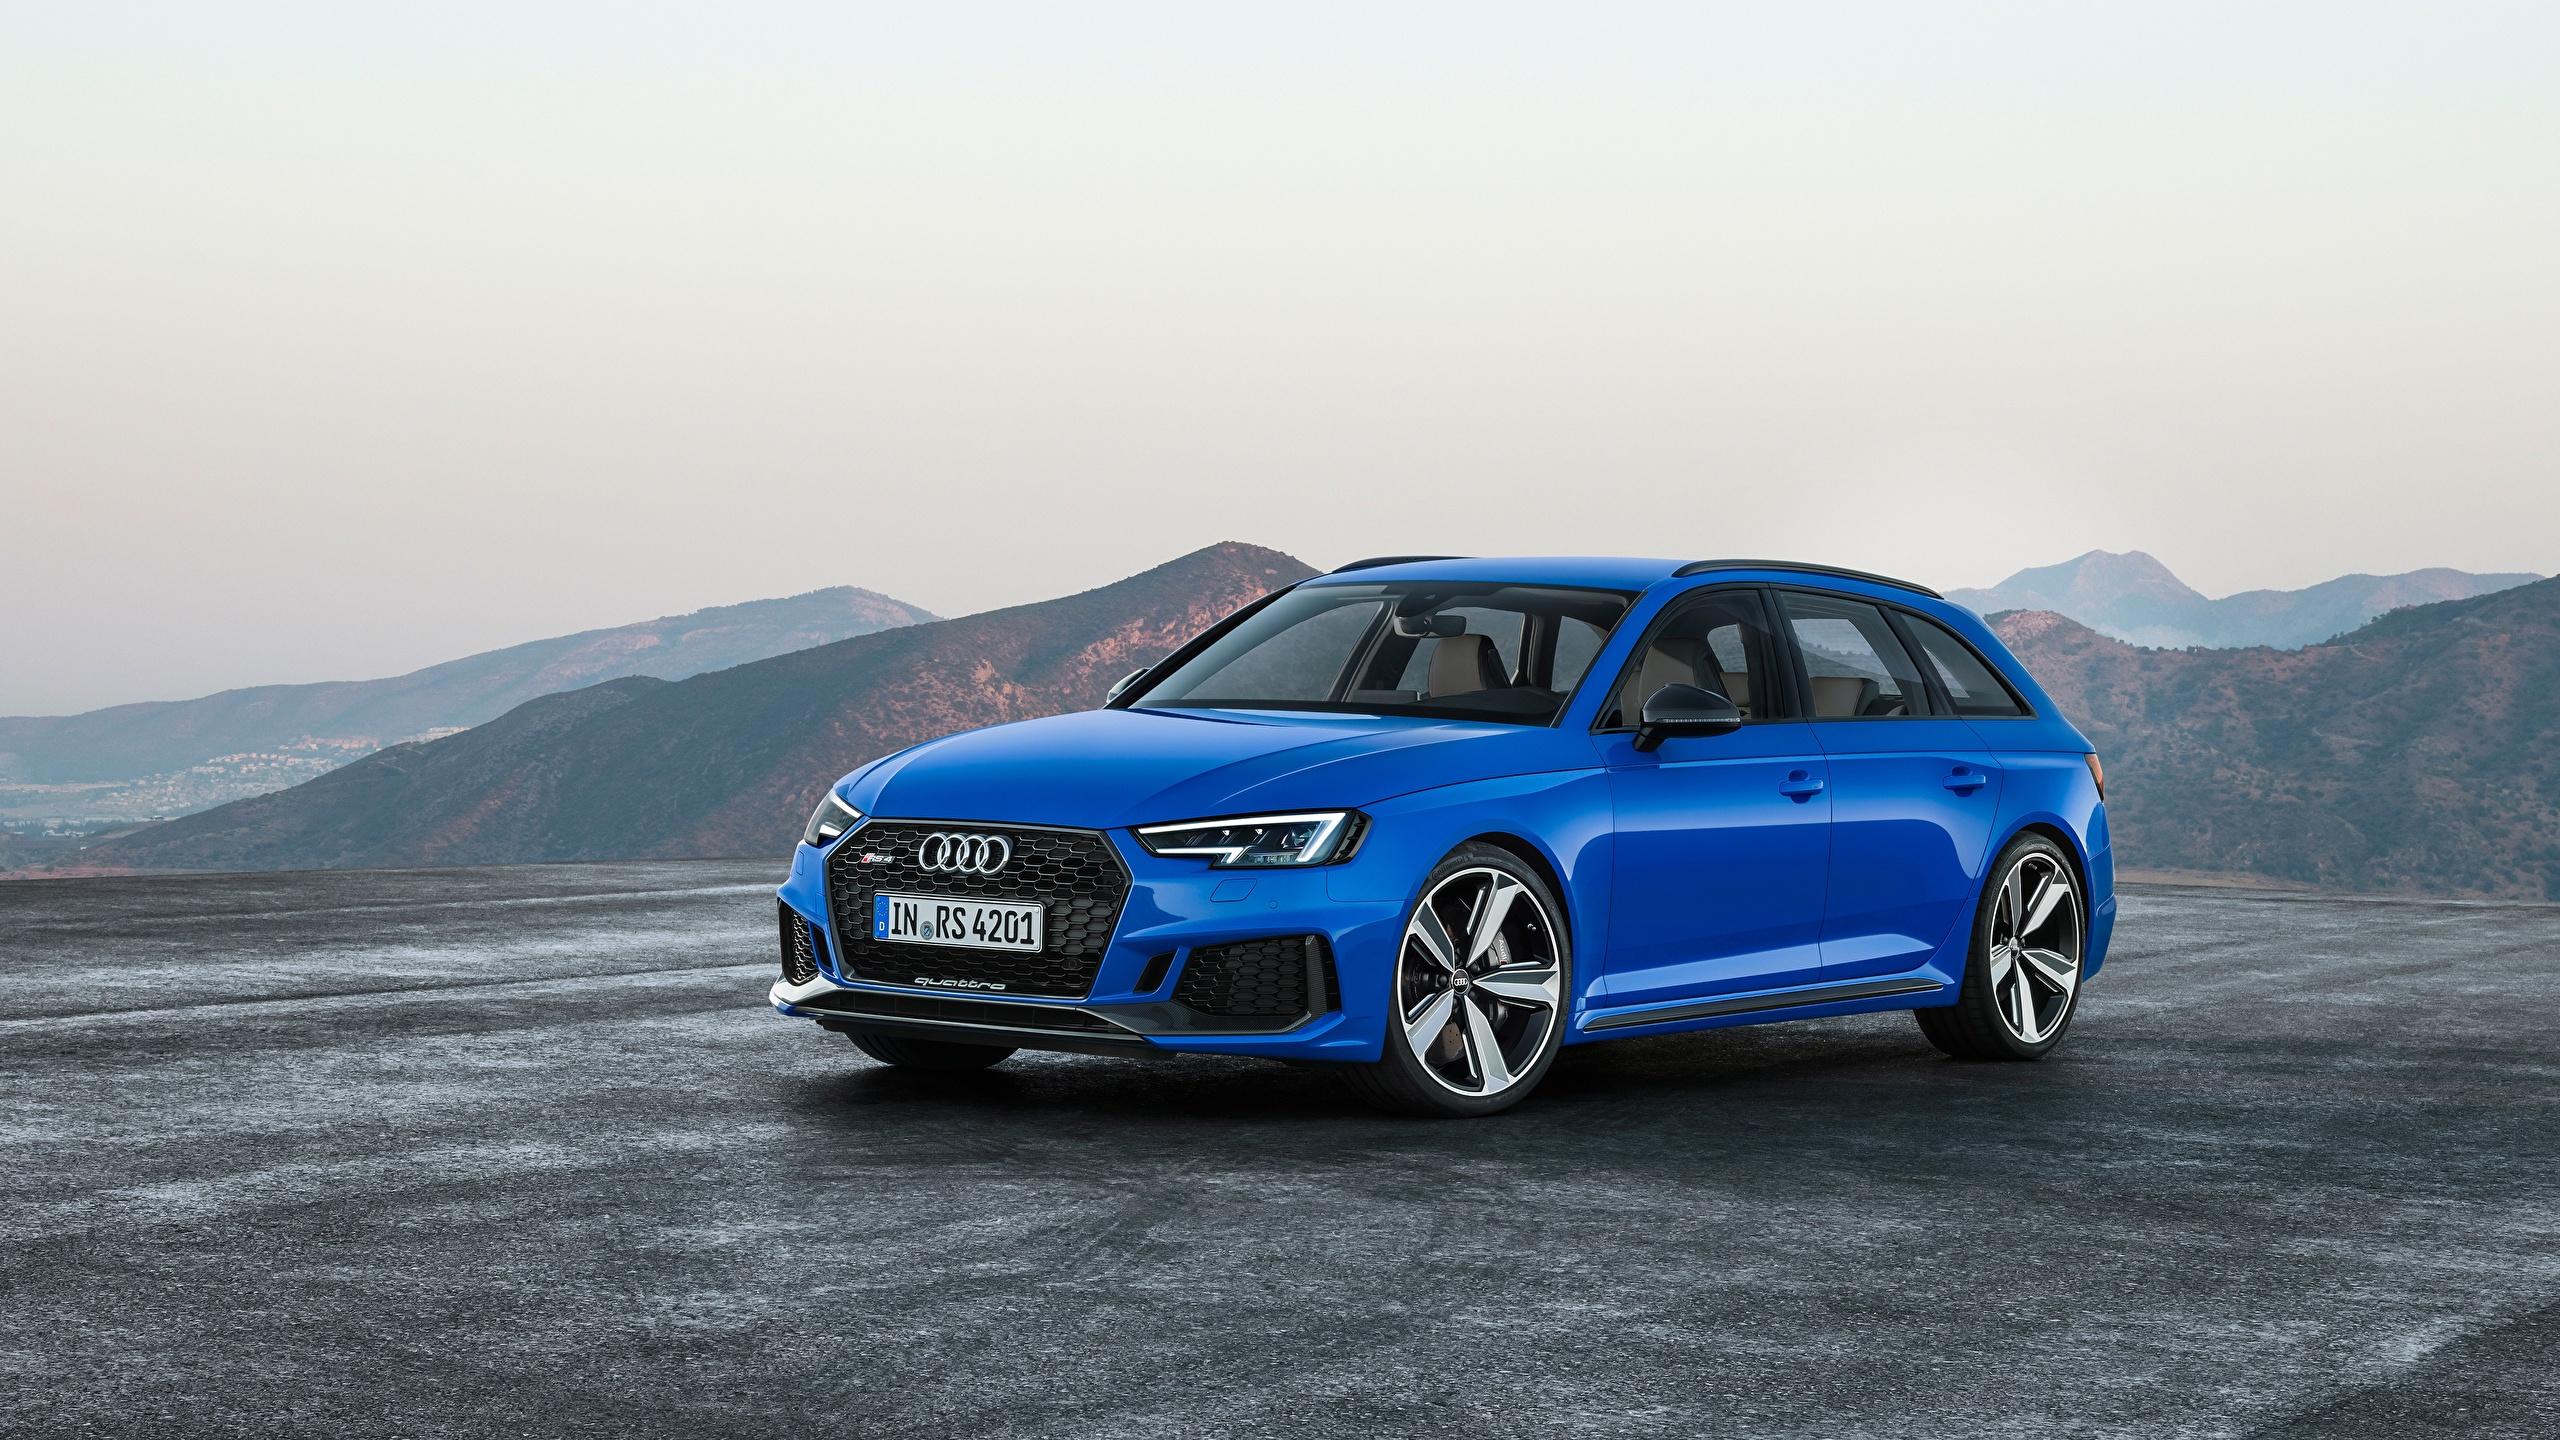 Обои для рабочего стола Ауди Универсал RS4, Avant, 2017 Синий авто Асфальт 2560x1440 Audi синяя синие синих машины машина асфальта Автомобили автомобиль